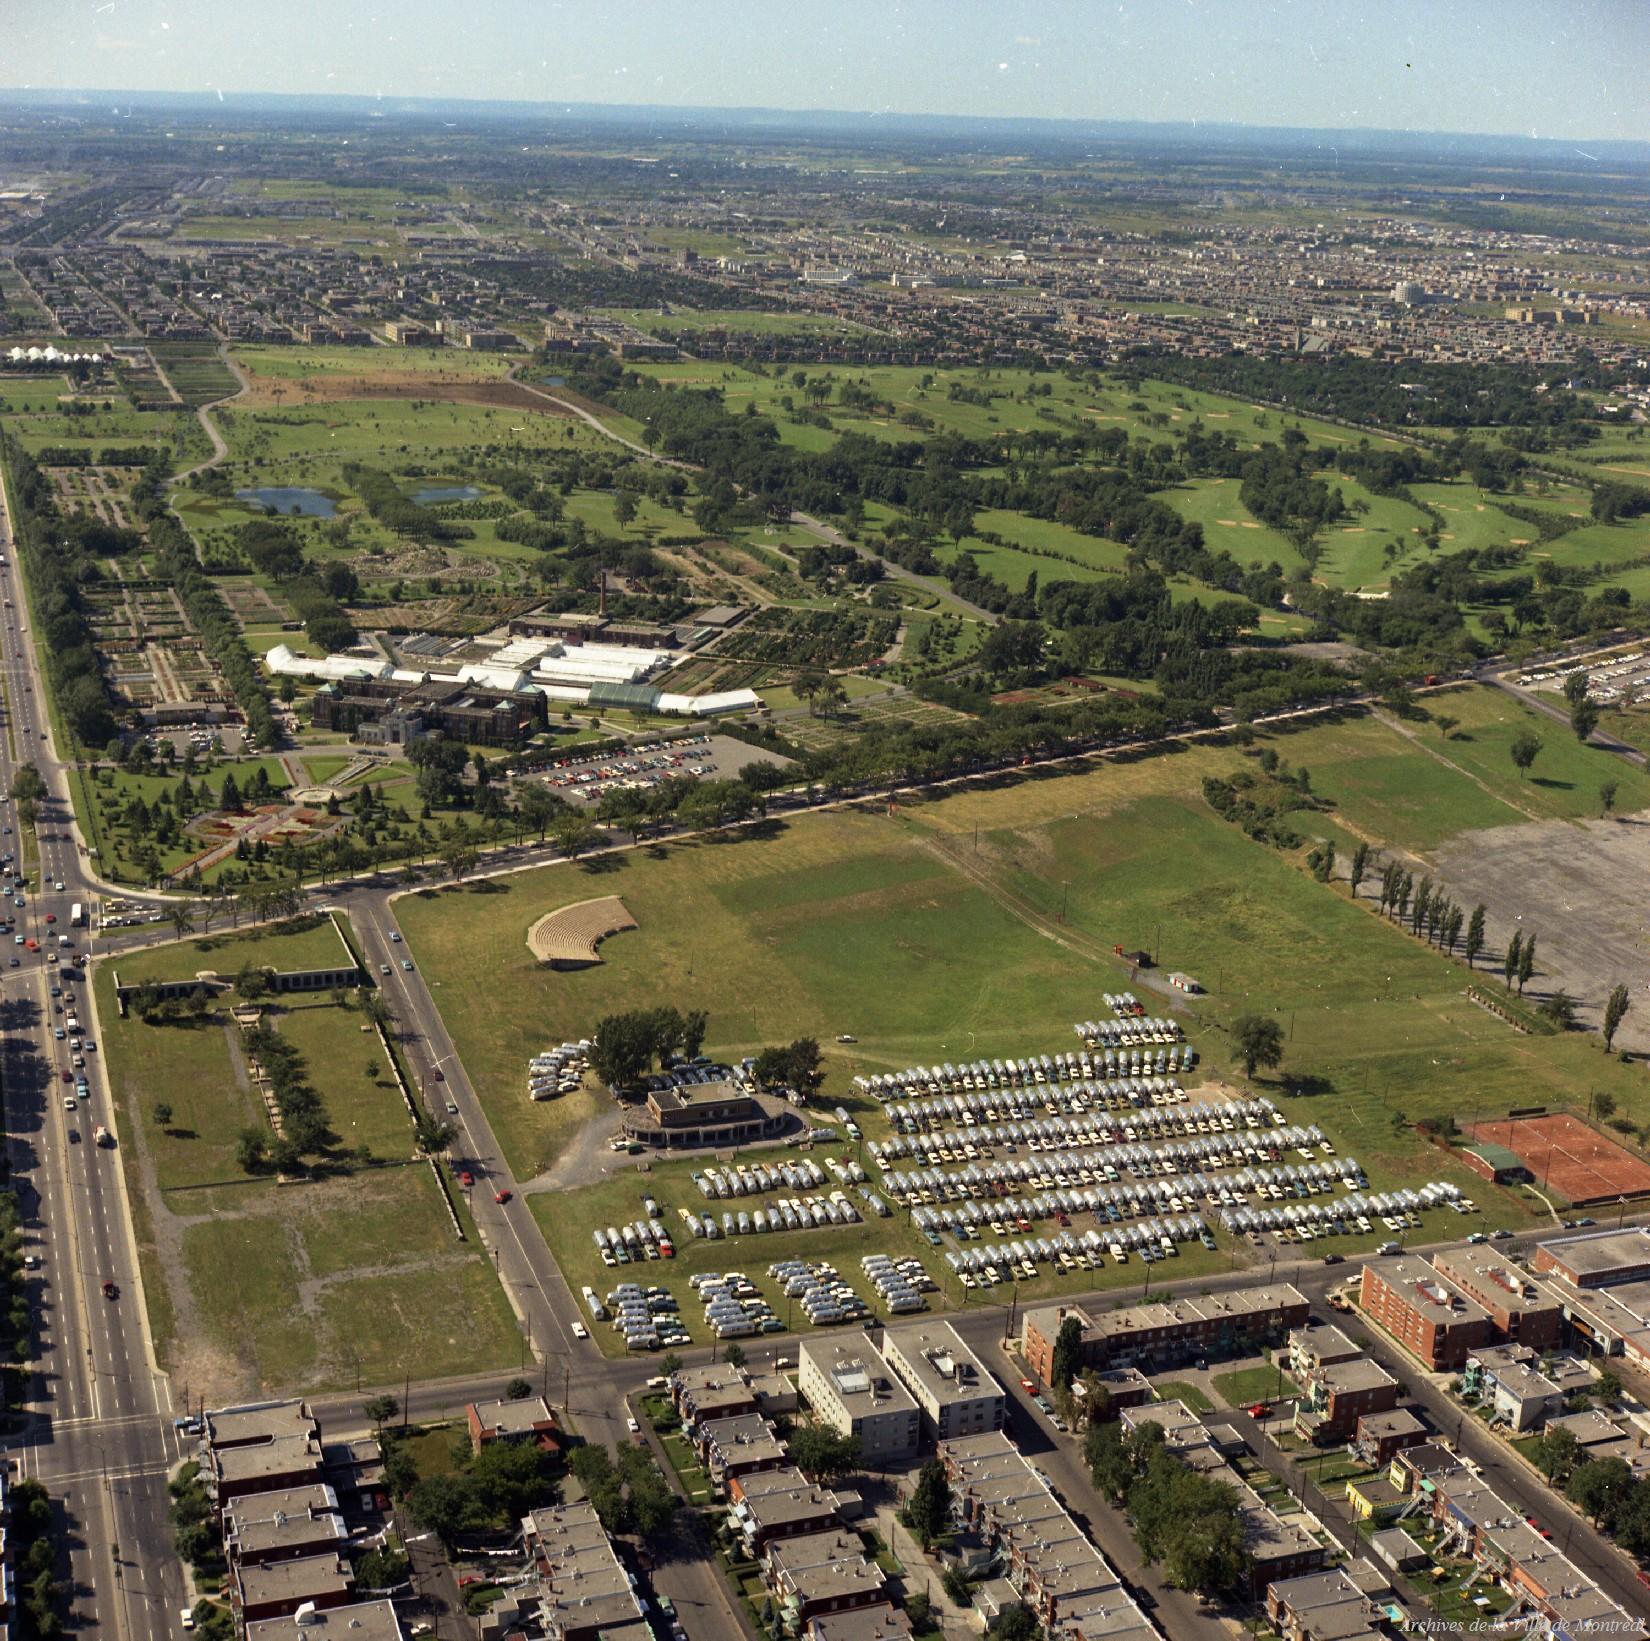 Vue aérienne montrant un grand espace vert dans une ville.